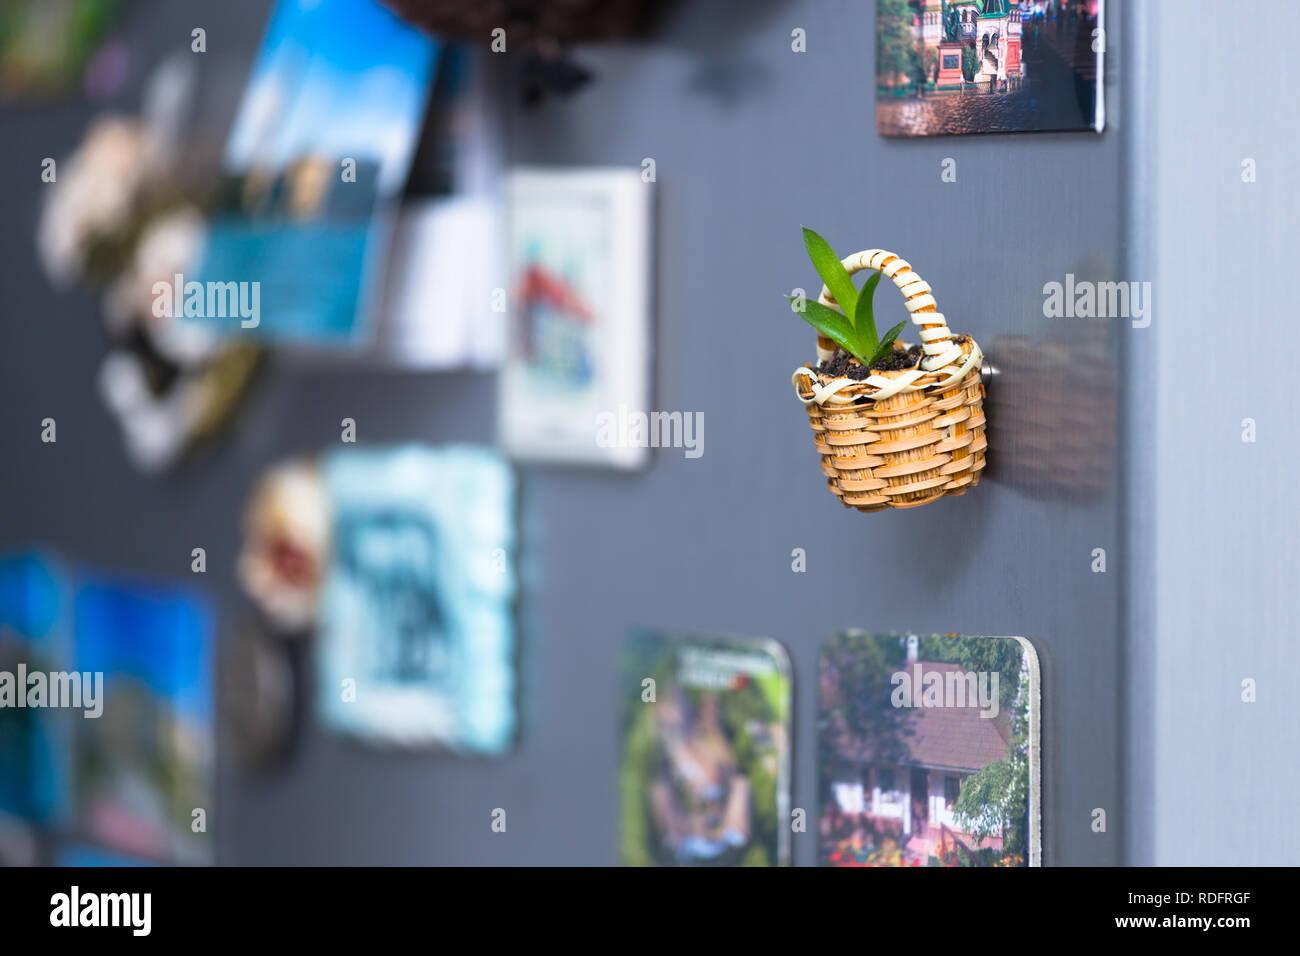 Kühlschrank Korb : Kleinen korb mit magneten am kühlschrank einer pflanzmaschine für